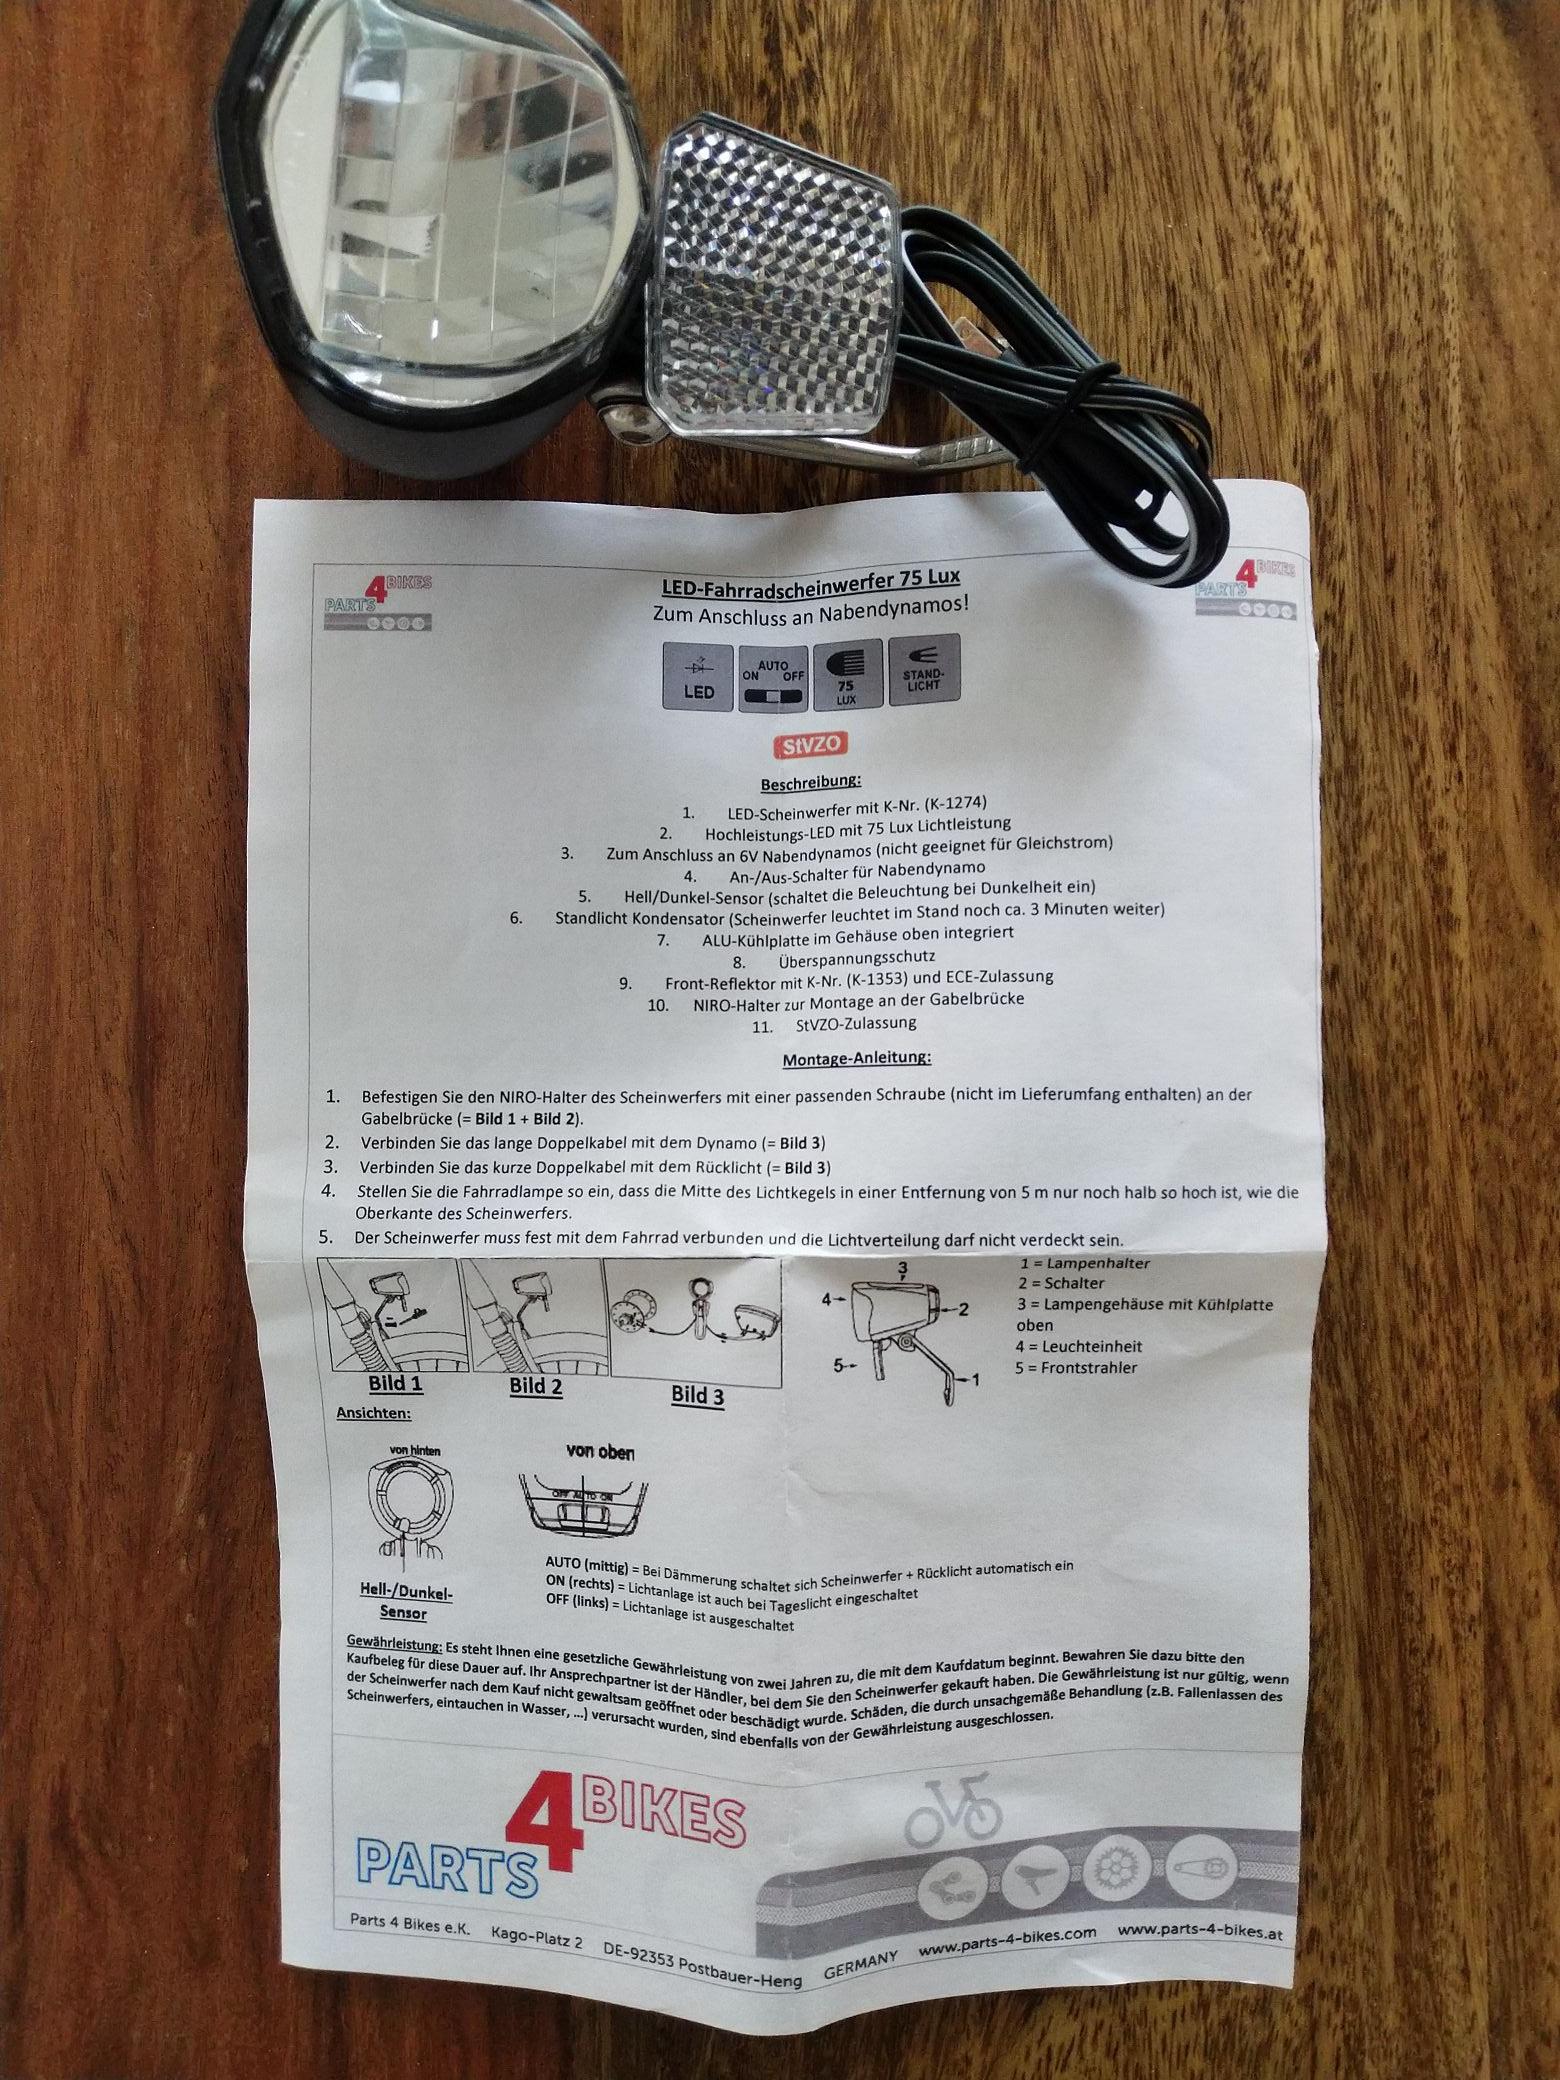 (Prophete) P4B Fahrrad LED Front Scheinwerfer mit Standlicht für Nabendynamo